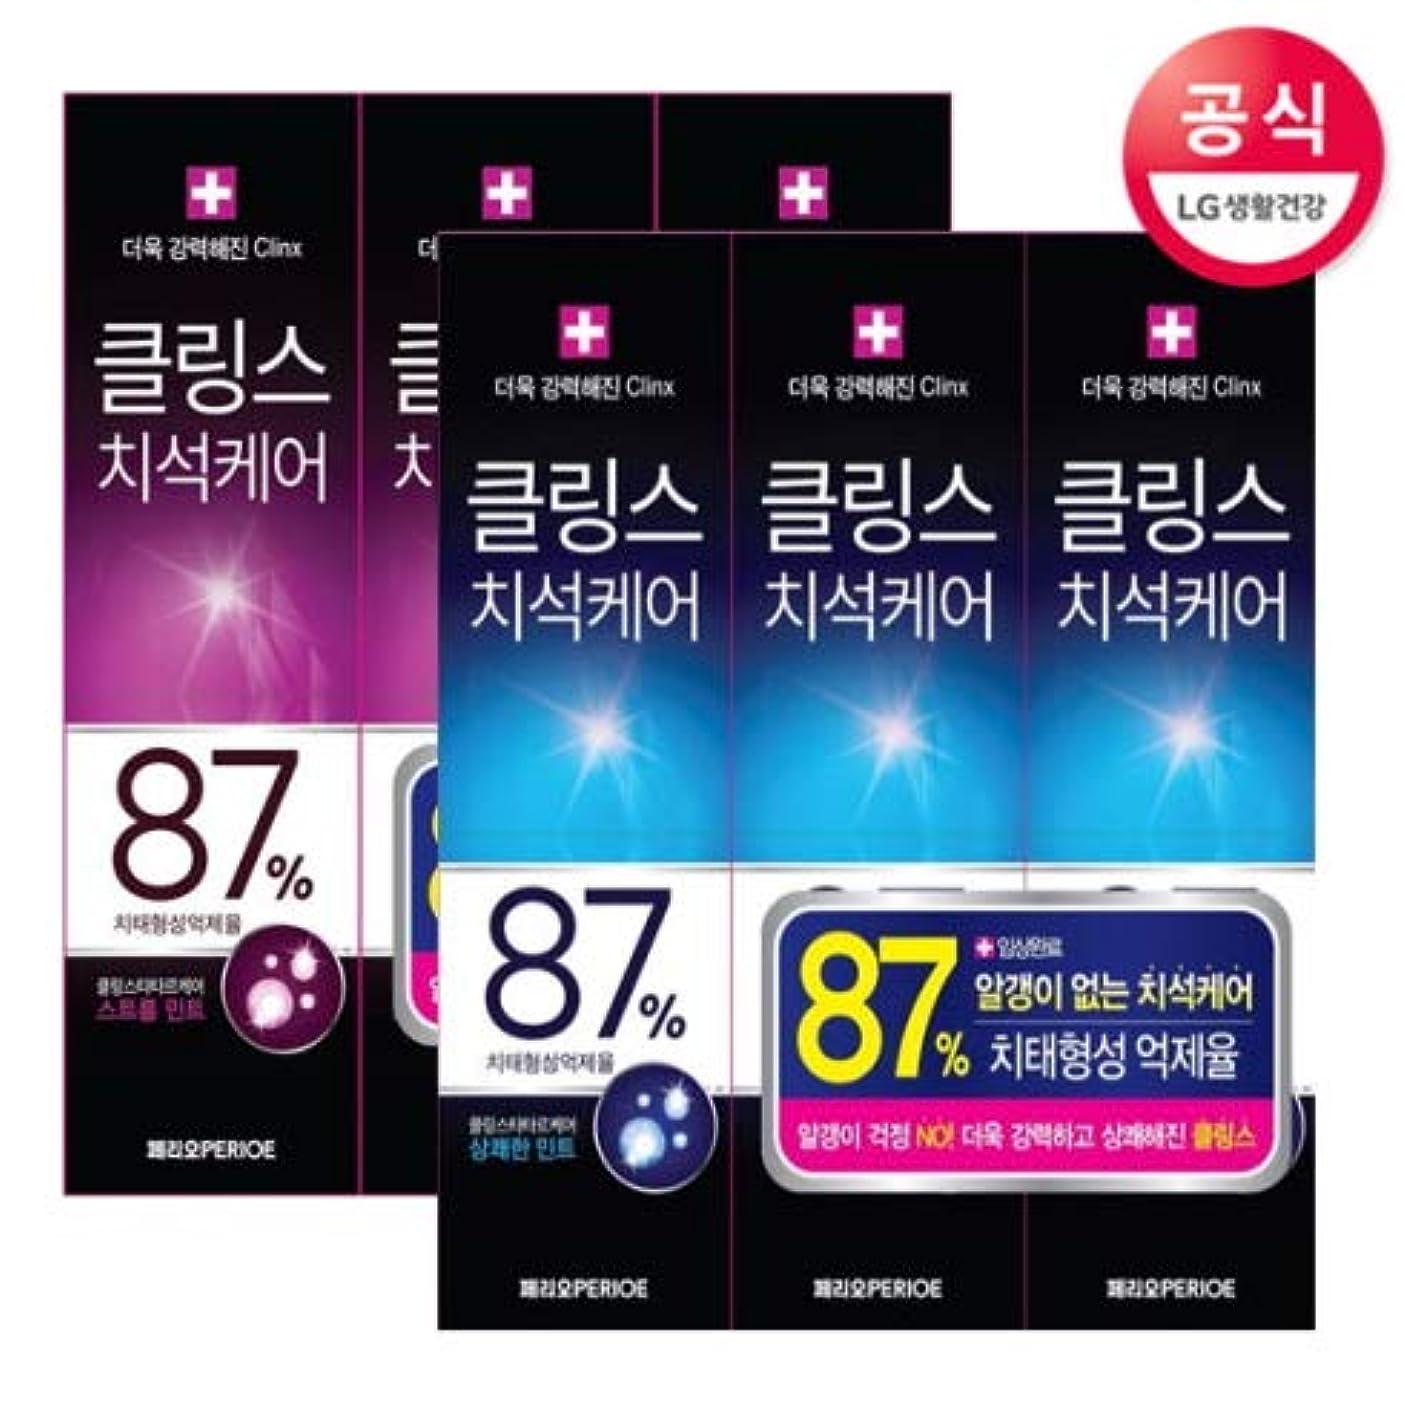 柔らかさクリーク特別な[LG HnB] Perio Clings toothpaste/ペリオクルリンス歯磨き粉 100gx6個(海外直送品)